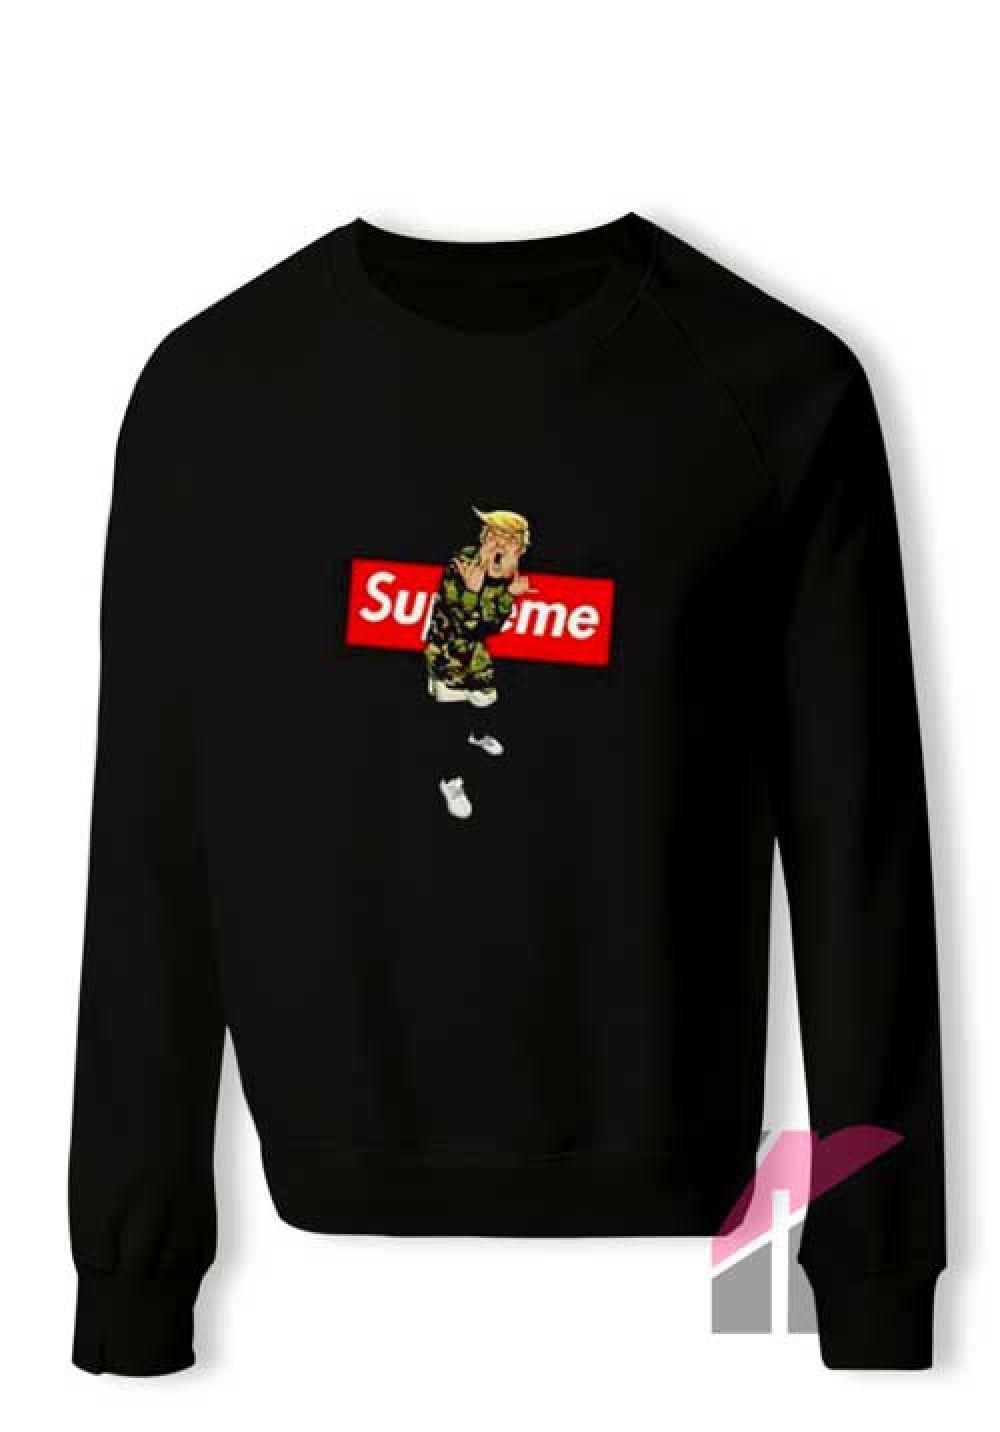 Supreme Trump Crewneck Sweatshirt Price 21 00 Tshirt Hoodies Hoodie Shirt Tanktop Sweater Sweatshir Sweatshirts Supreme Sweatshirt Crew Neck Sweatshirt [ 1432 x 1000 Pixel ]